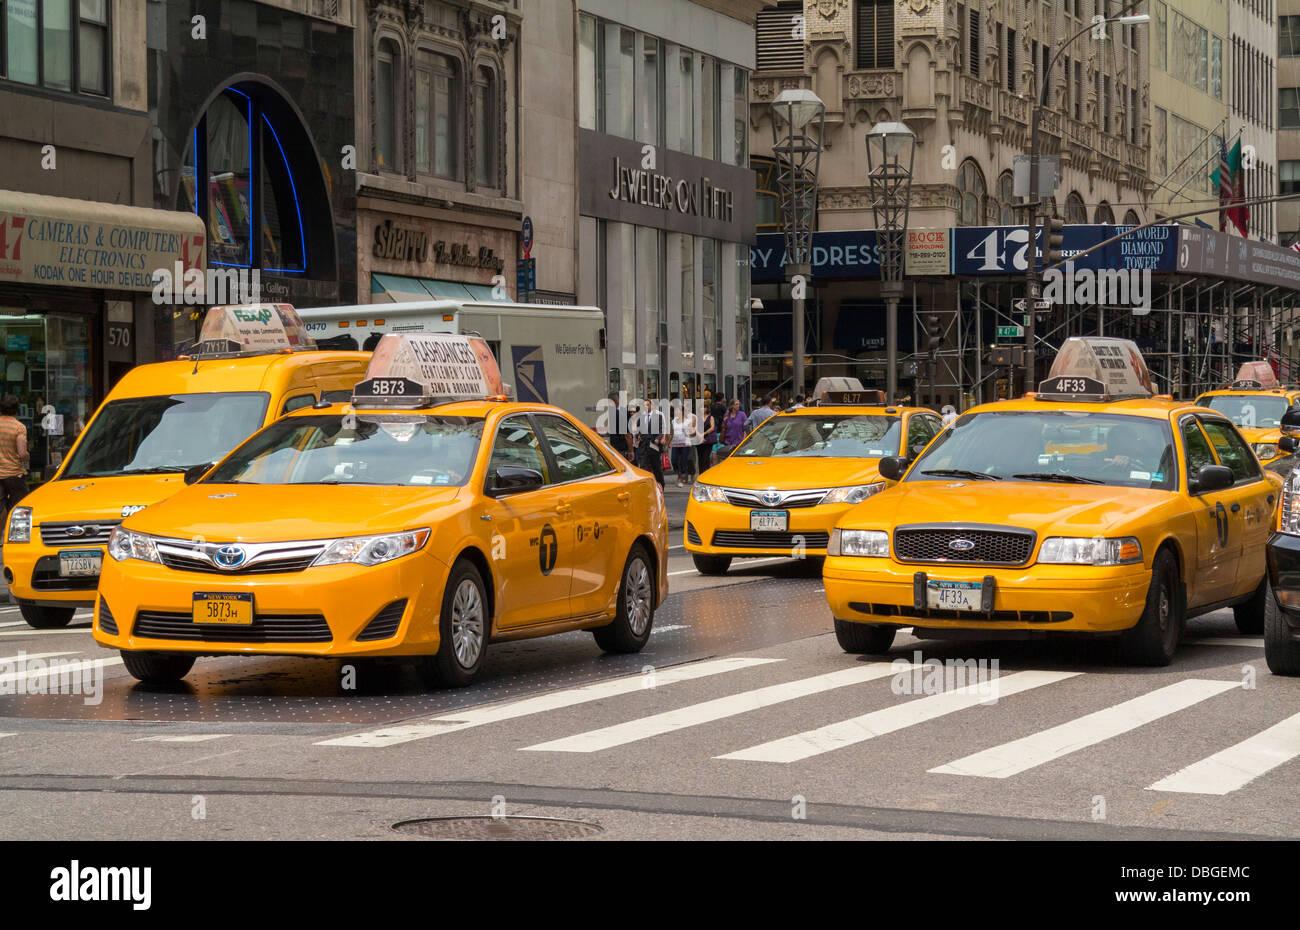 Grupo de taxis de Nueva York en un cruce de calles de la ciudad de Nueva York Imagen De Stock